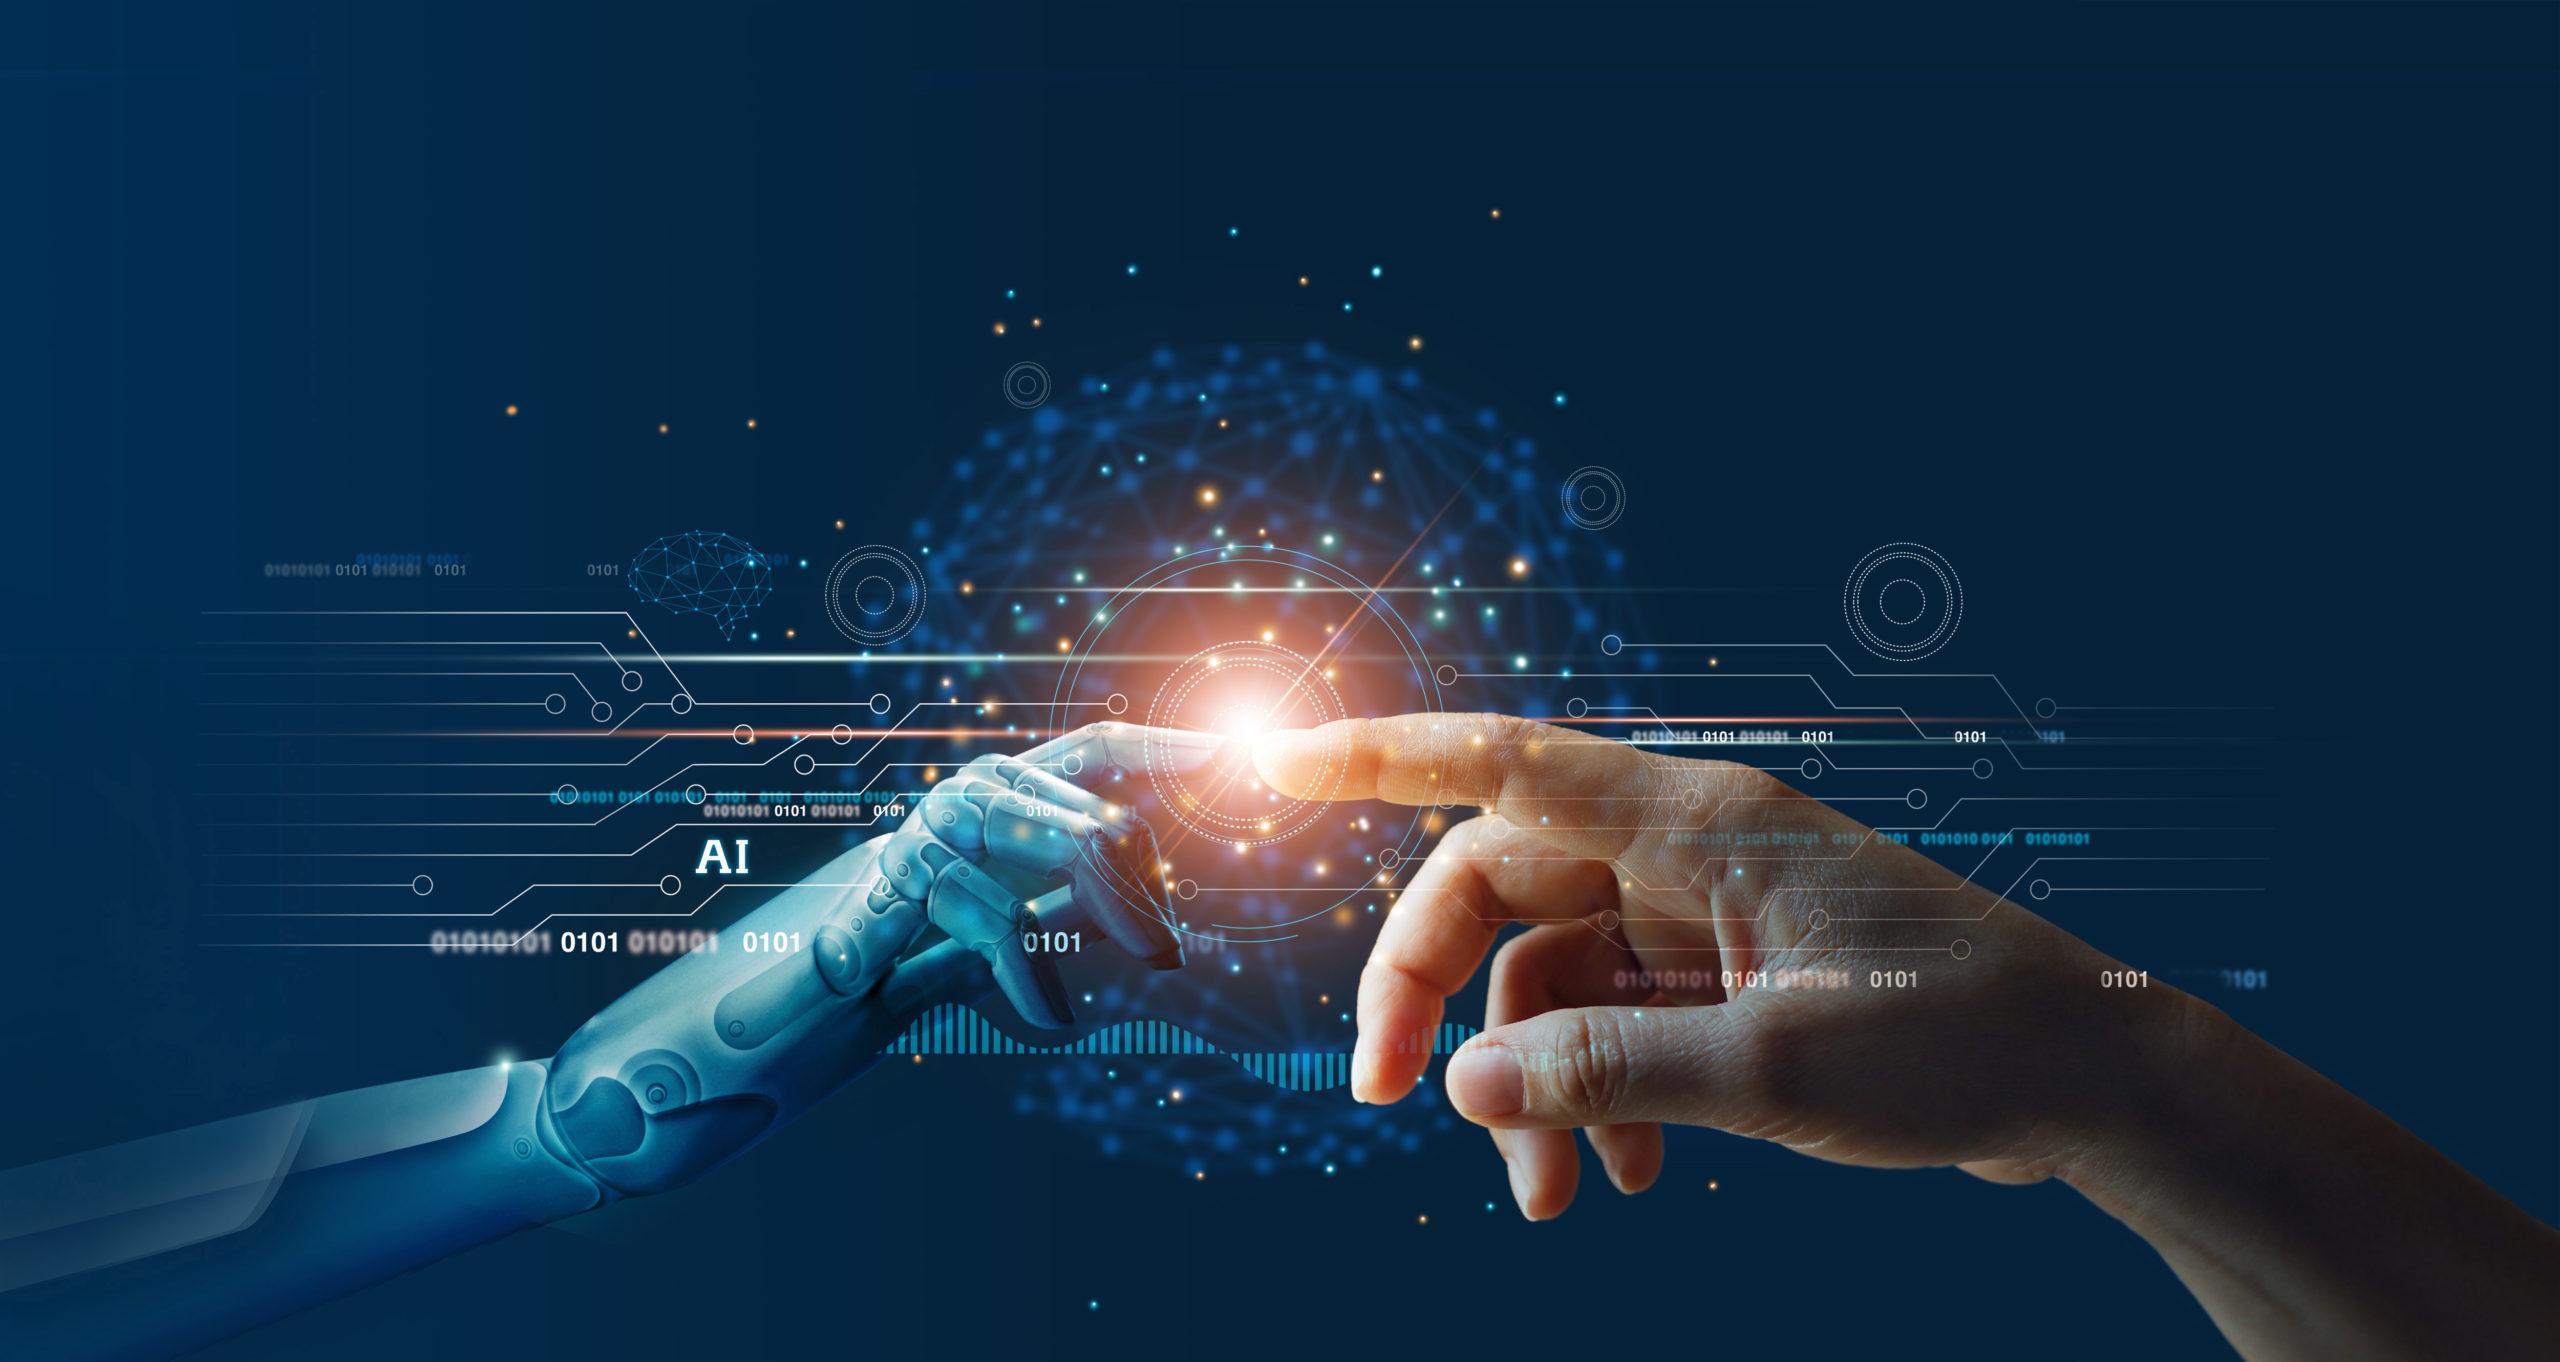 La elección de los participantes de EIC Accelerator por Inteligencia Artificial